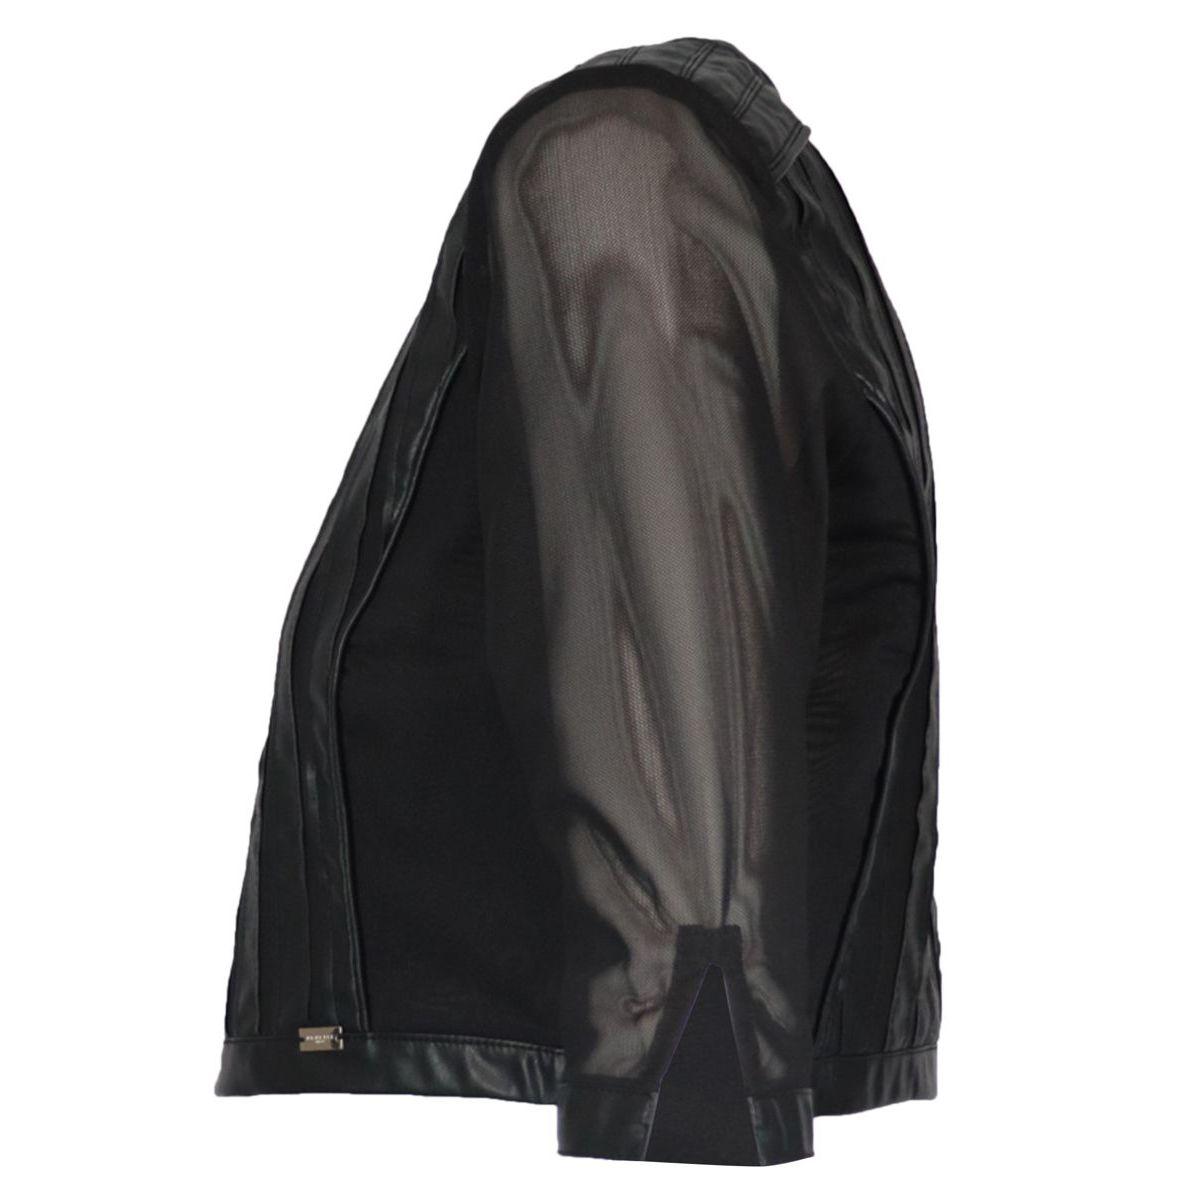 Short double-layered velor jacket with imitation leather inserts Black Nenette